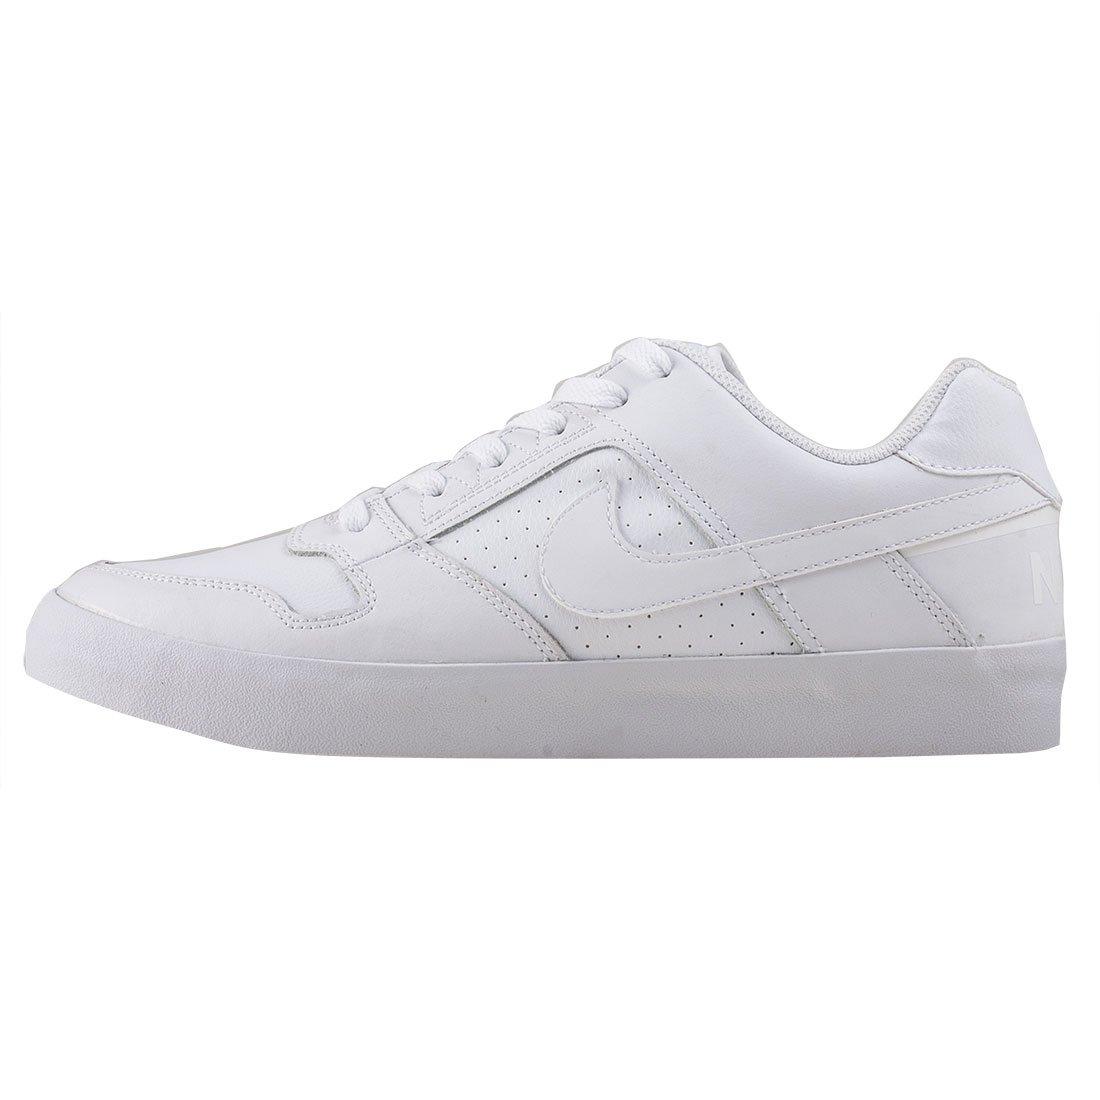 Nike SB Delta Delta Delta Force Vulc - Scarpe da Skateboard Uomo | Shopping Online  | Uomo/Donne Scarpa  a53f28